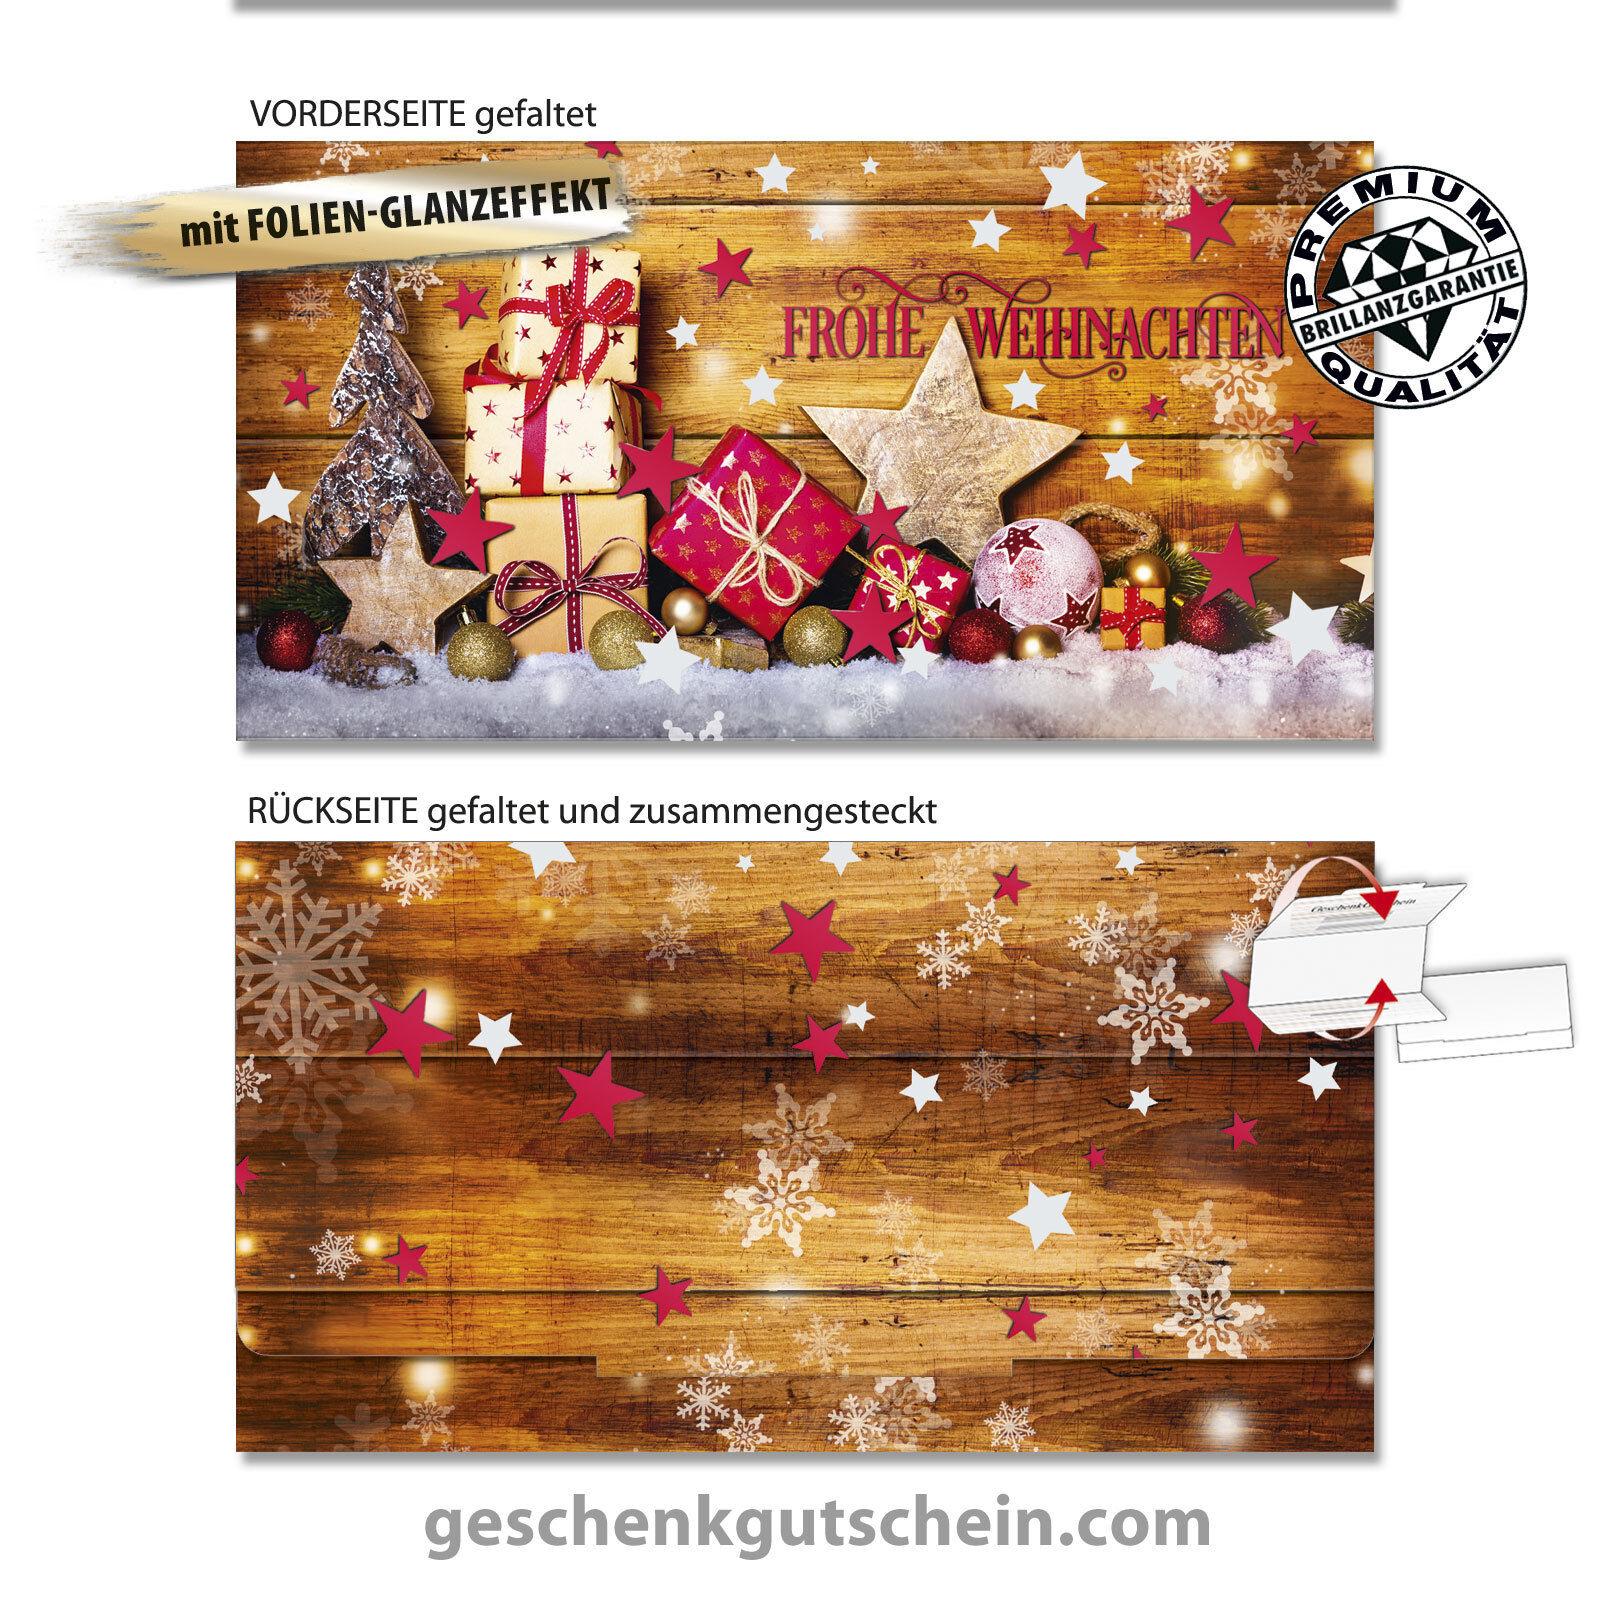 Weihnachts-Geschenkgutscheine  Glamour-Edition  für alle Branchen X296FG    Export    Tadellos